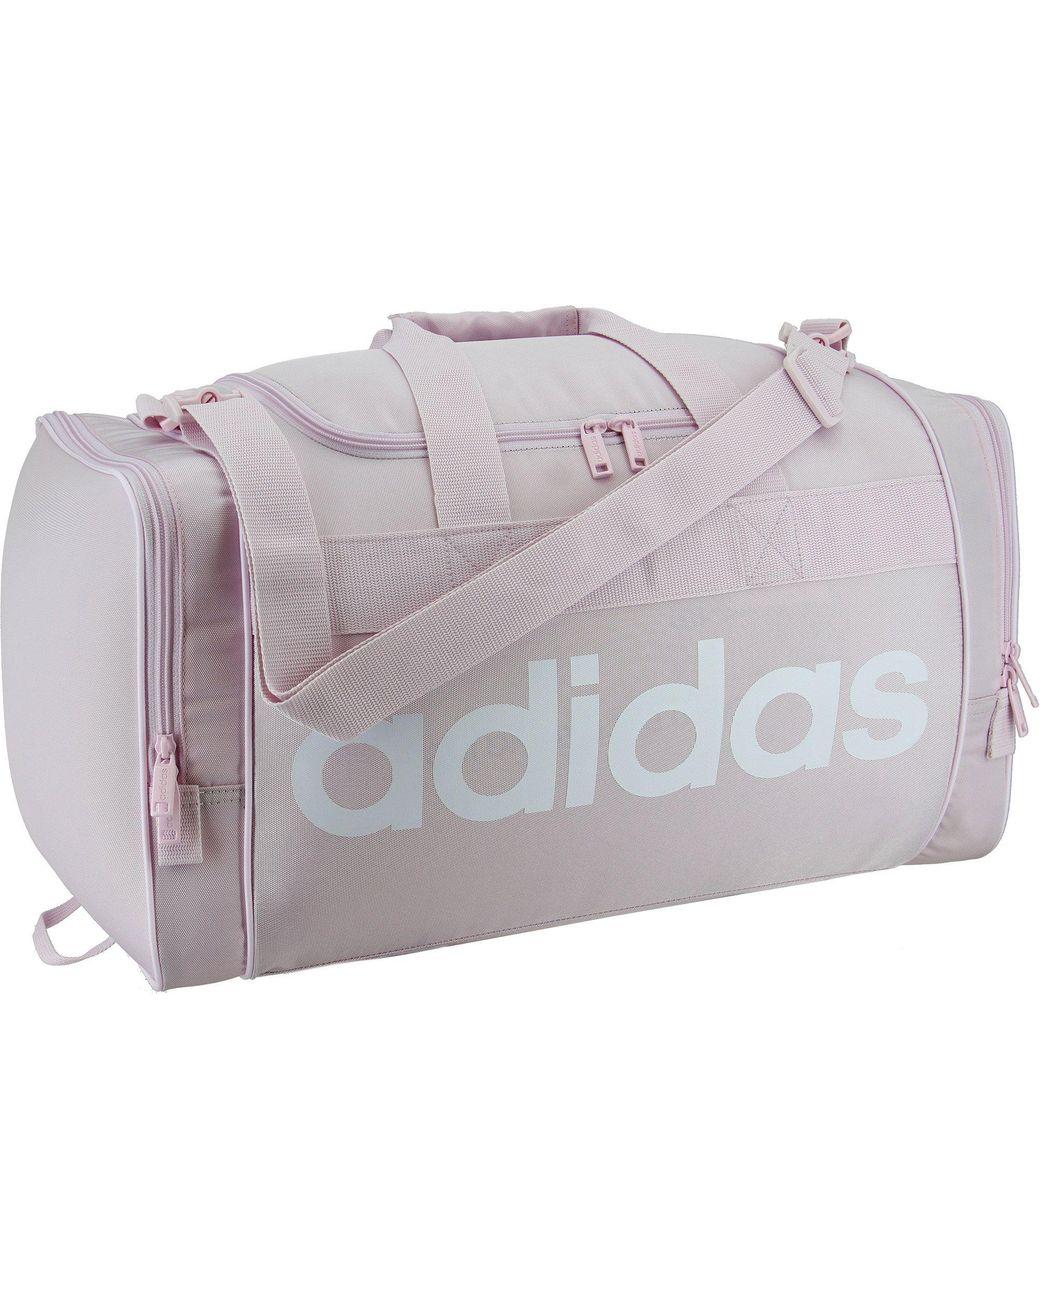 68dd7173a Adidas Santiago Duffel Bag Pink | The Shred Centre